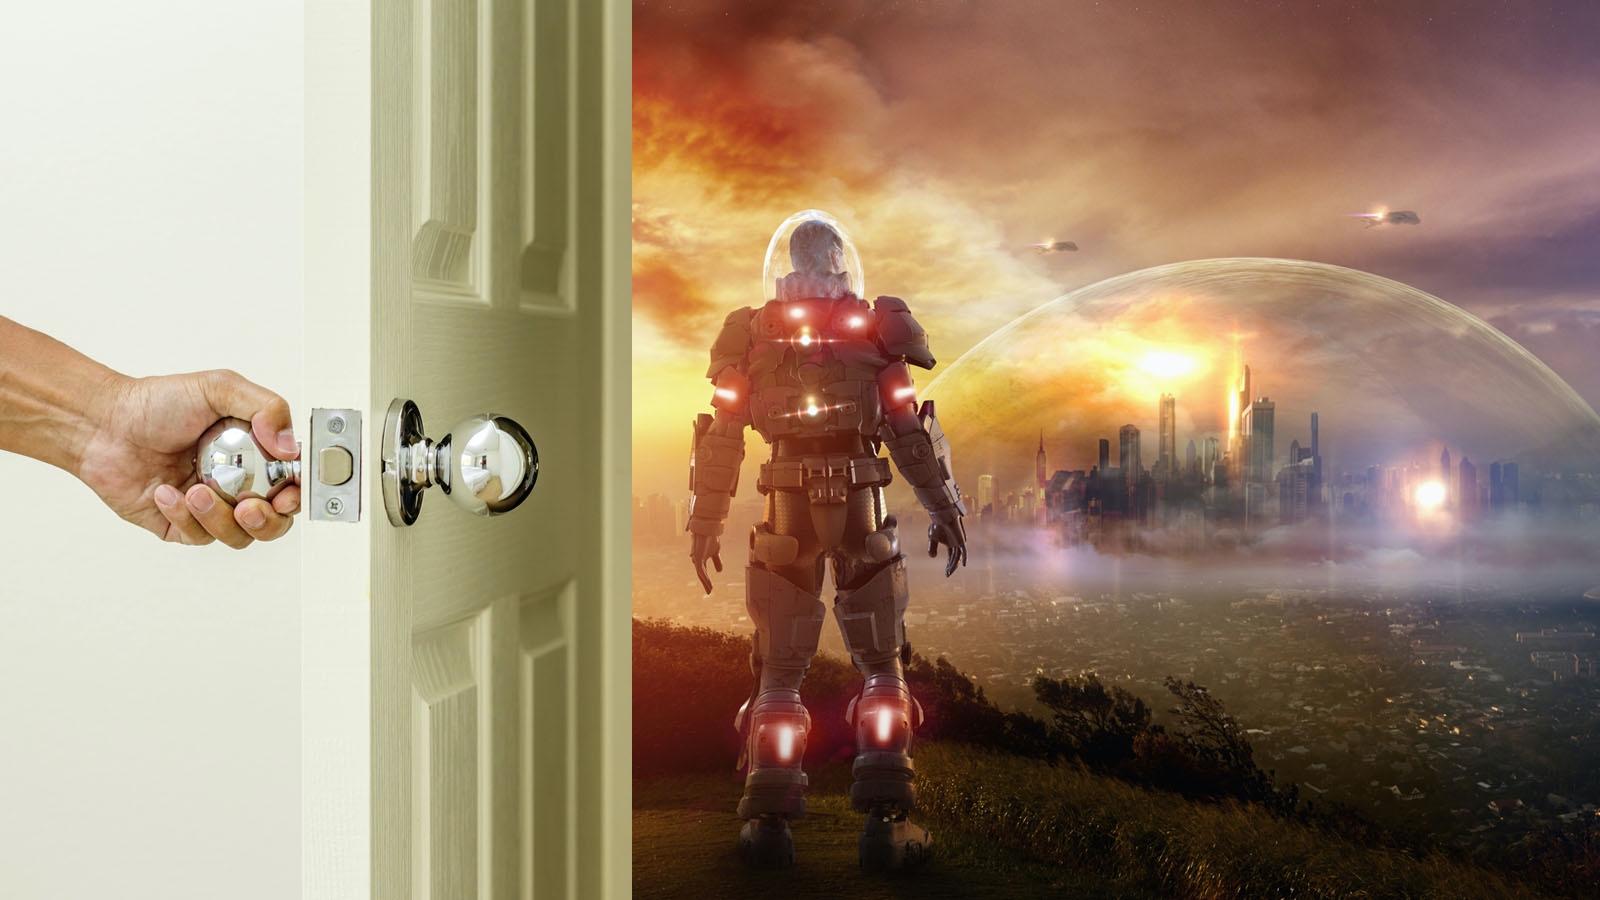 inciting incident doorway fantasy world